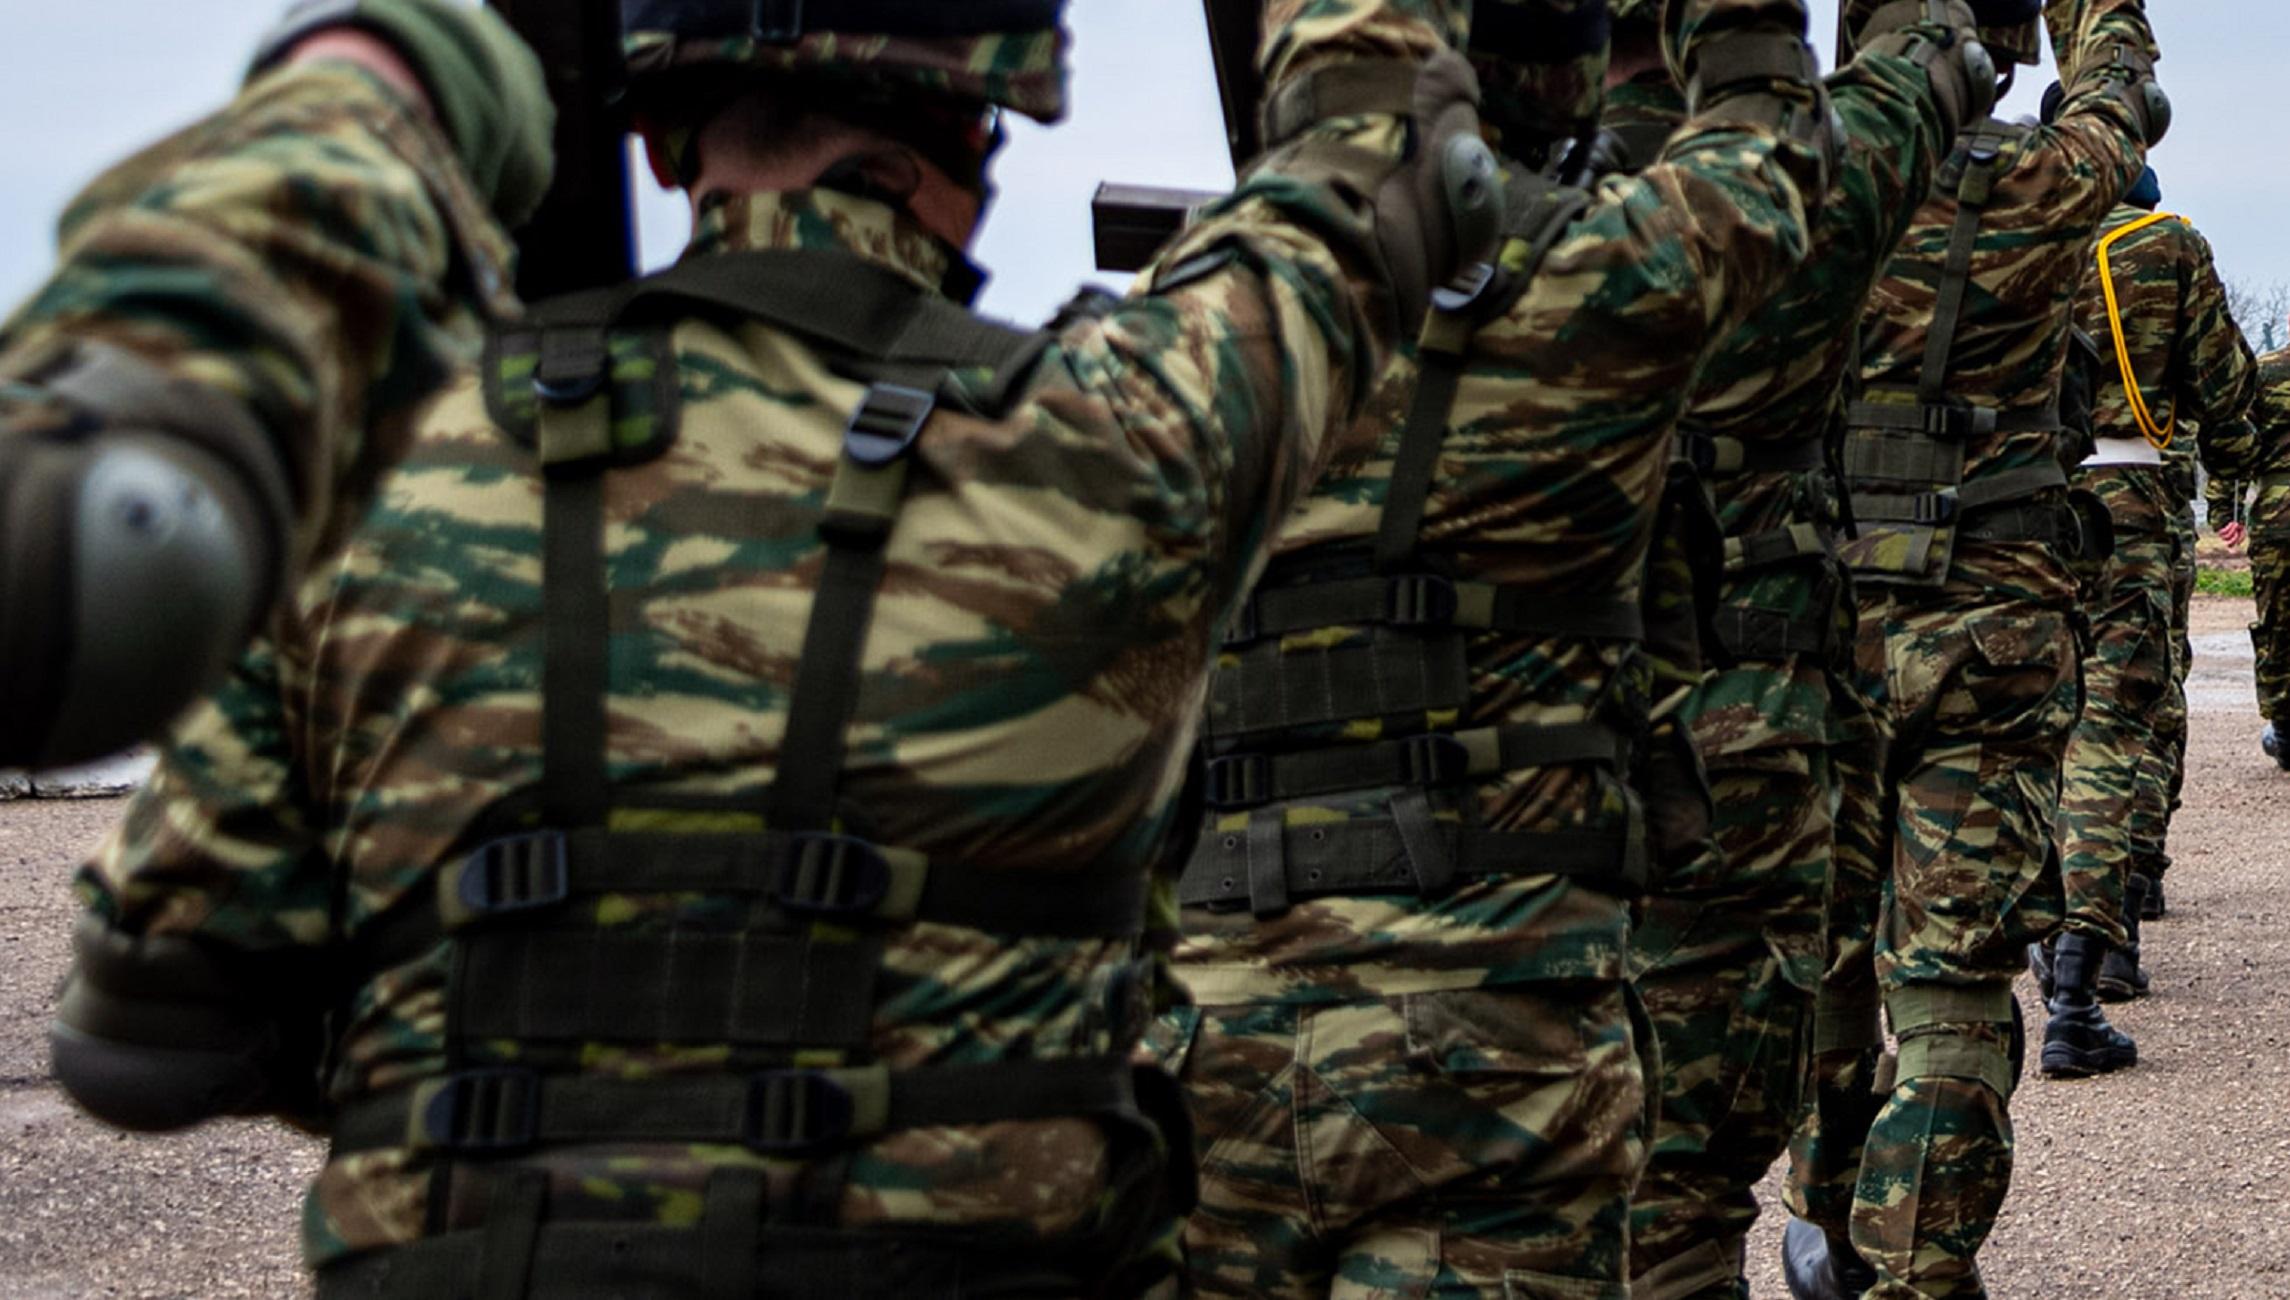 Ισόβια σύνταξη 200 ευρώ σε όσους υπηρέτησαν στην Κύπρο